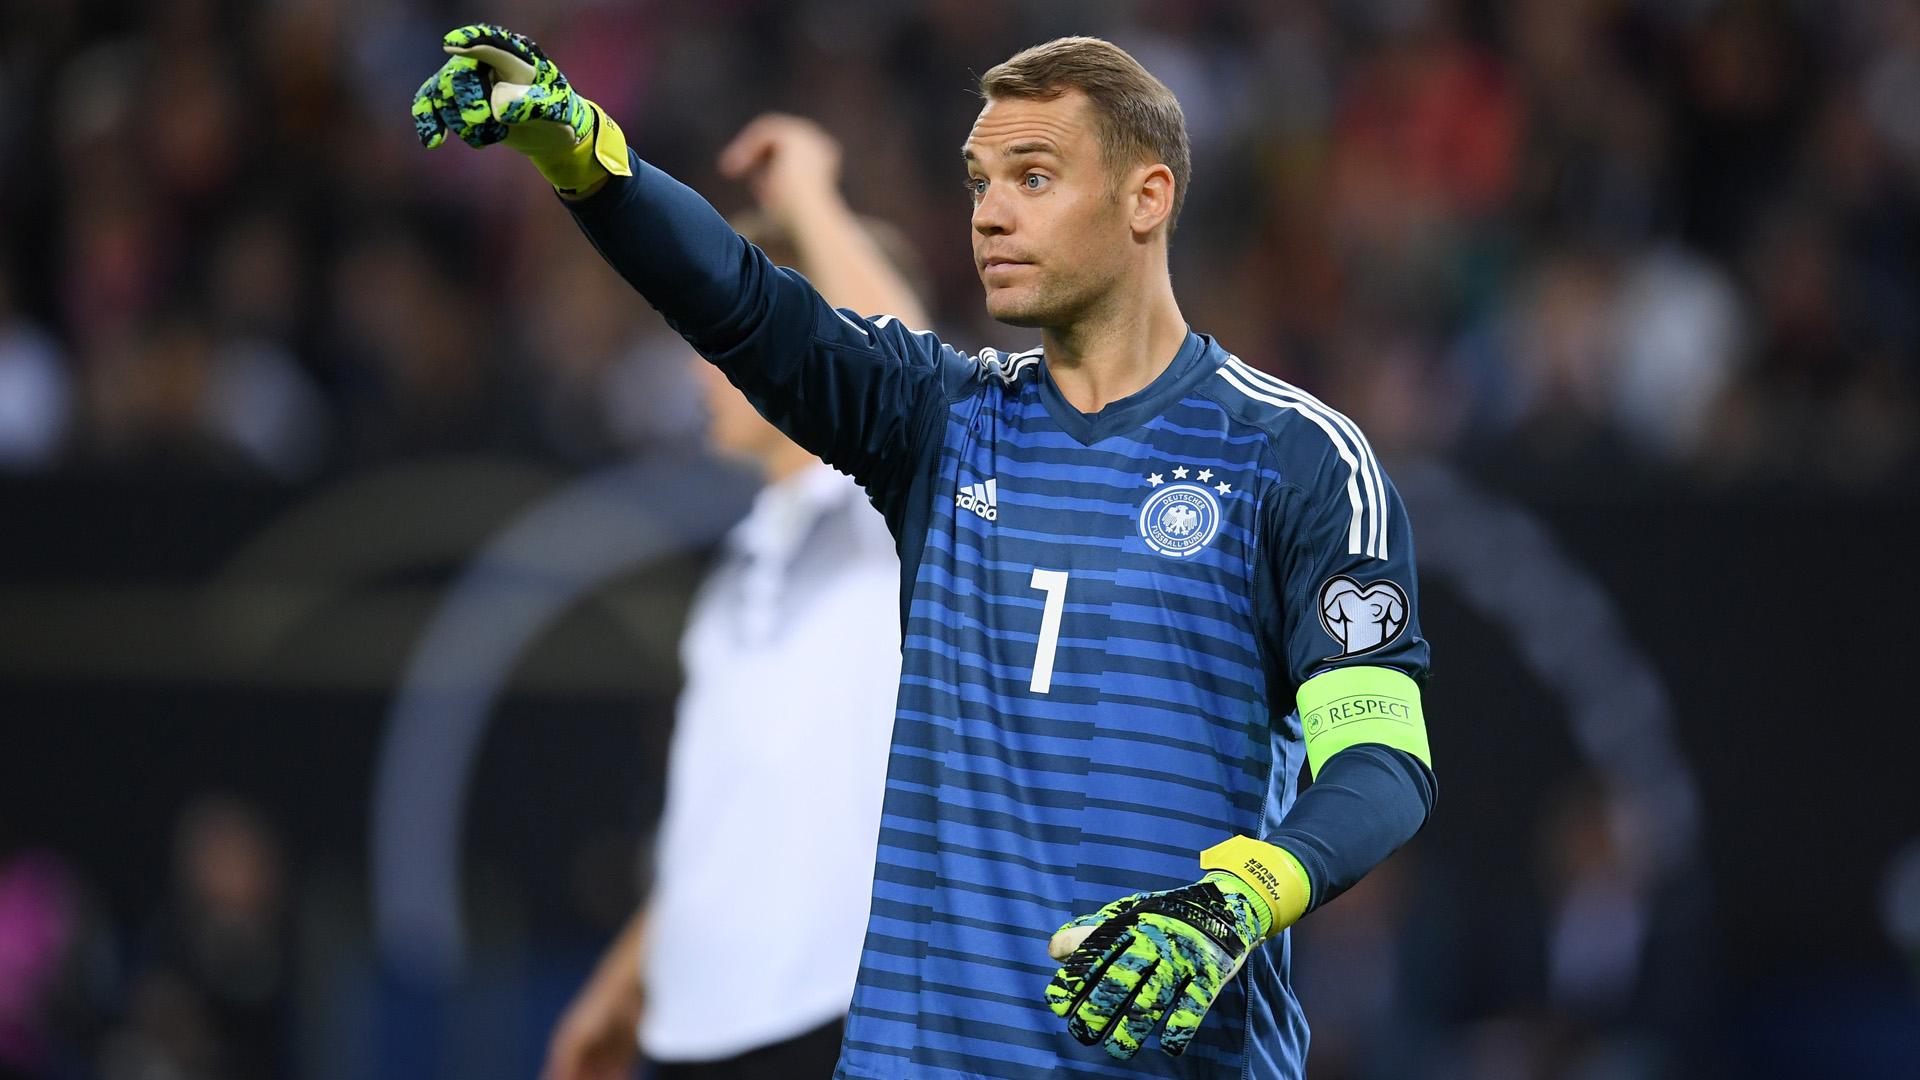 Manuel Neuer envisage de prendre sa retraite internationale après l'Euro 2020